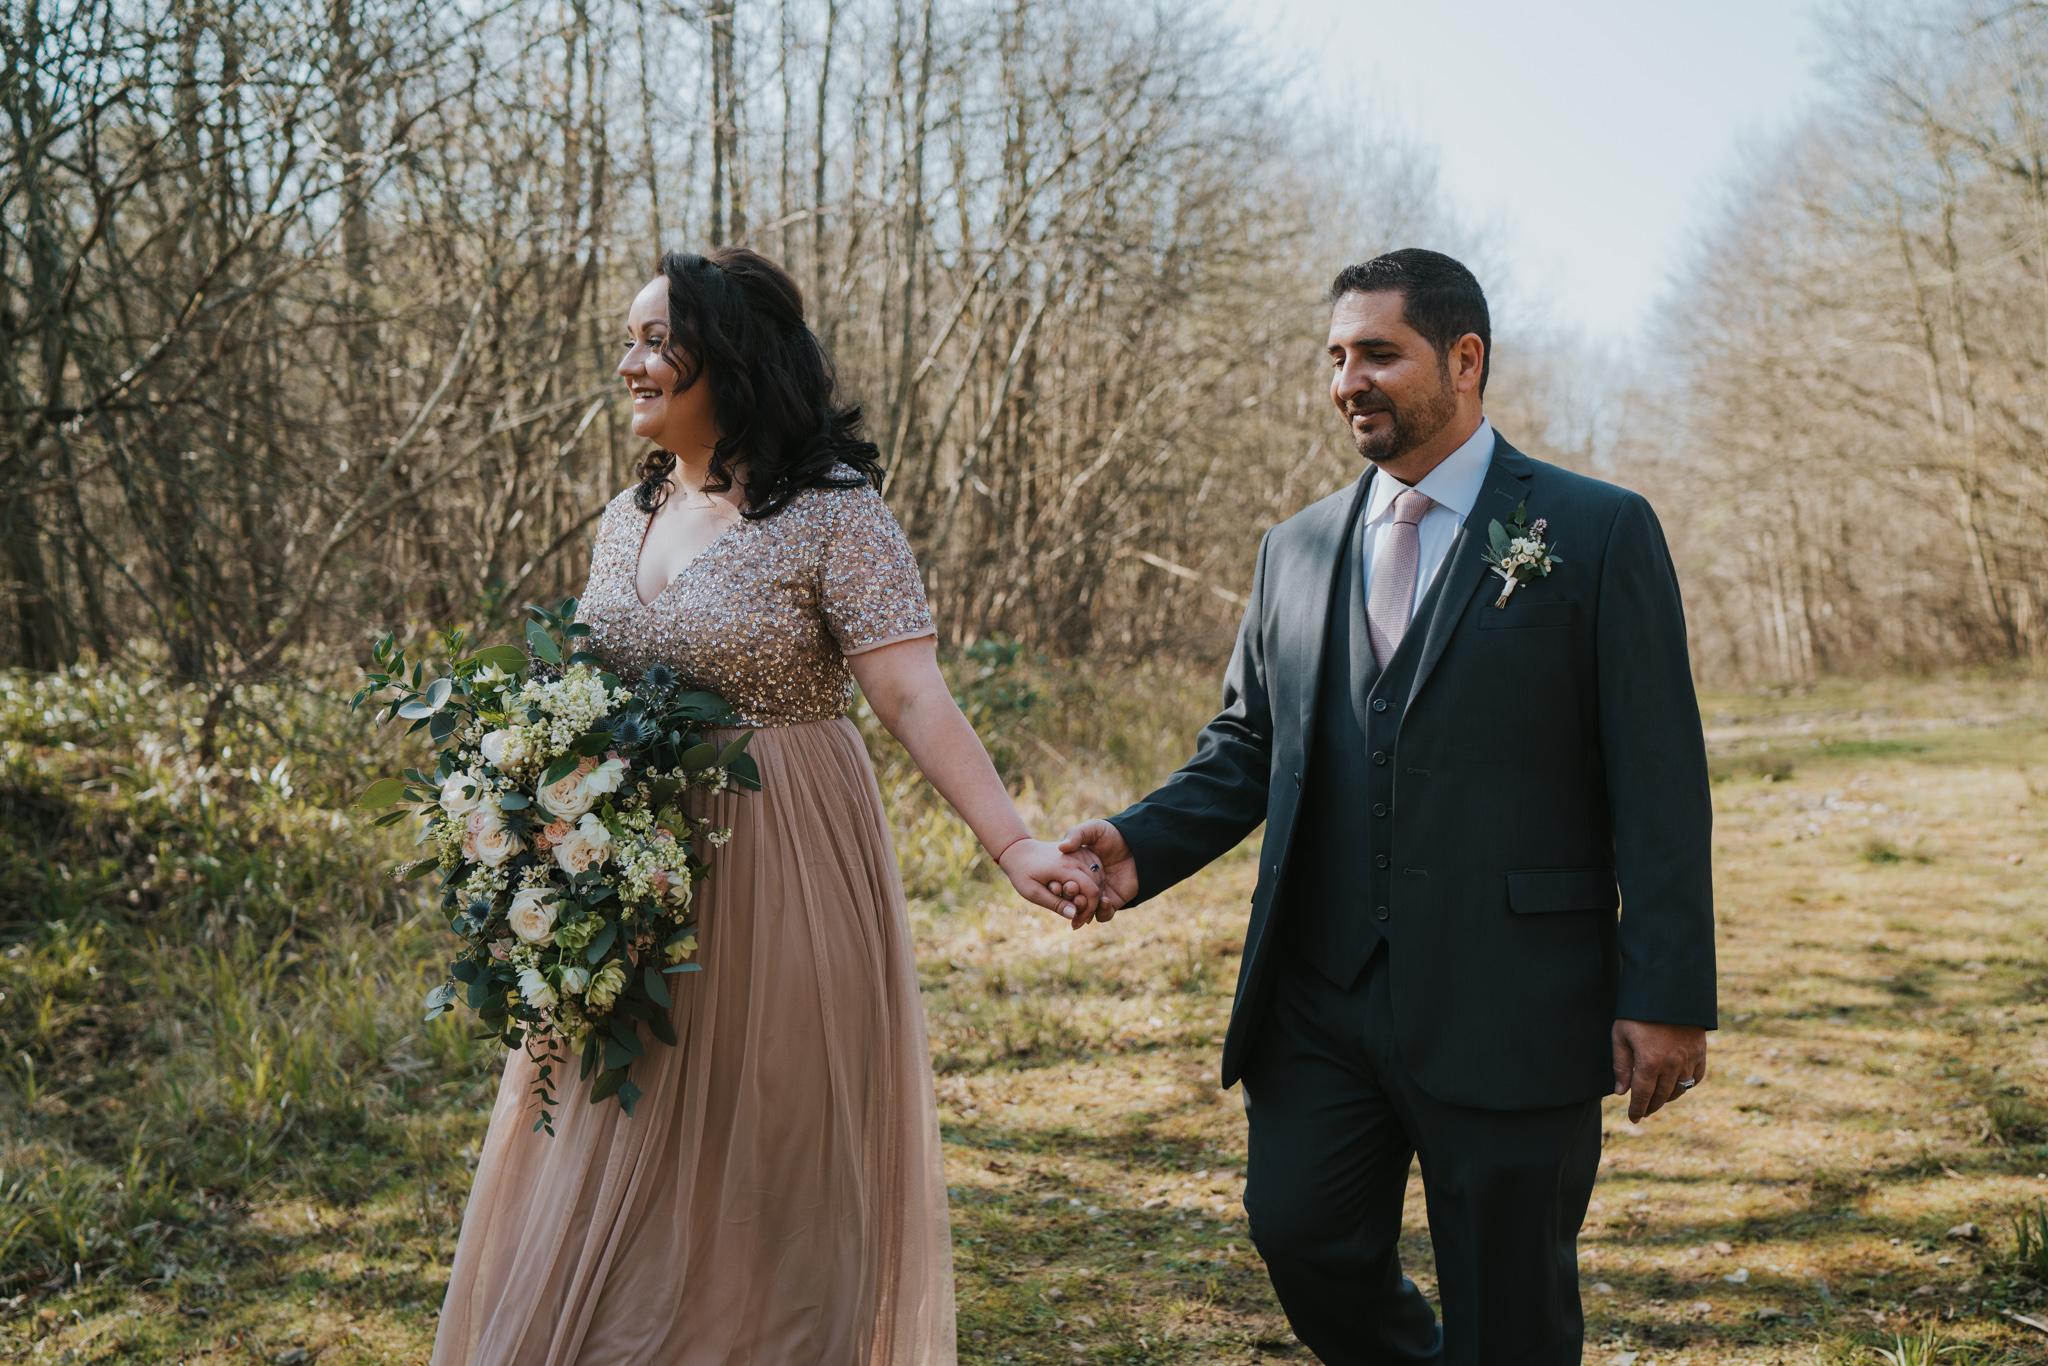 yuliya-yafith-colchester-essex-woodland-elopement-alternative-wedding-photographer-grace-elizabeth-essex-suffolk-norfolk-devon (27 of 40).jpg